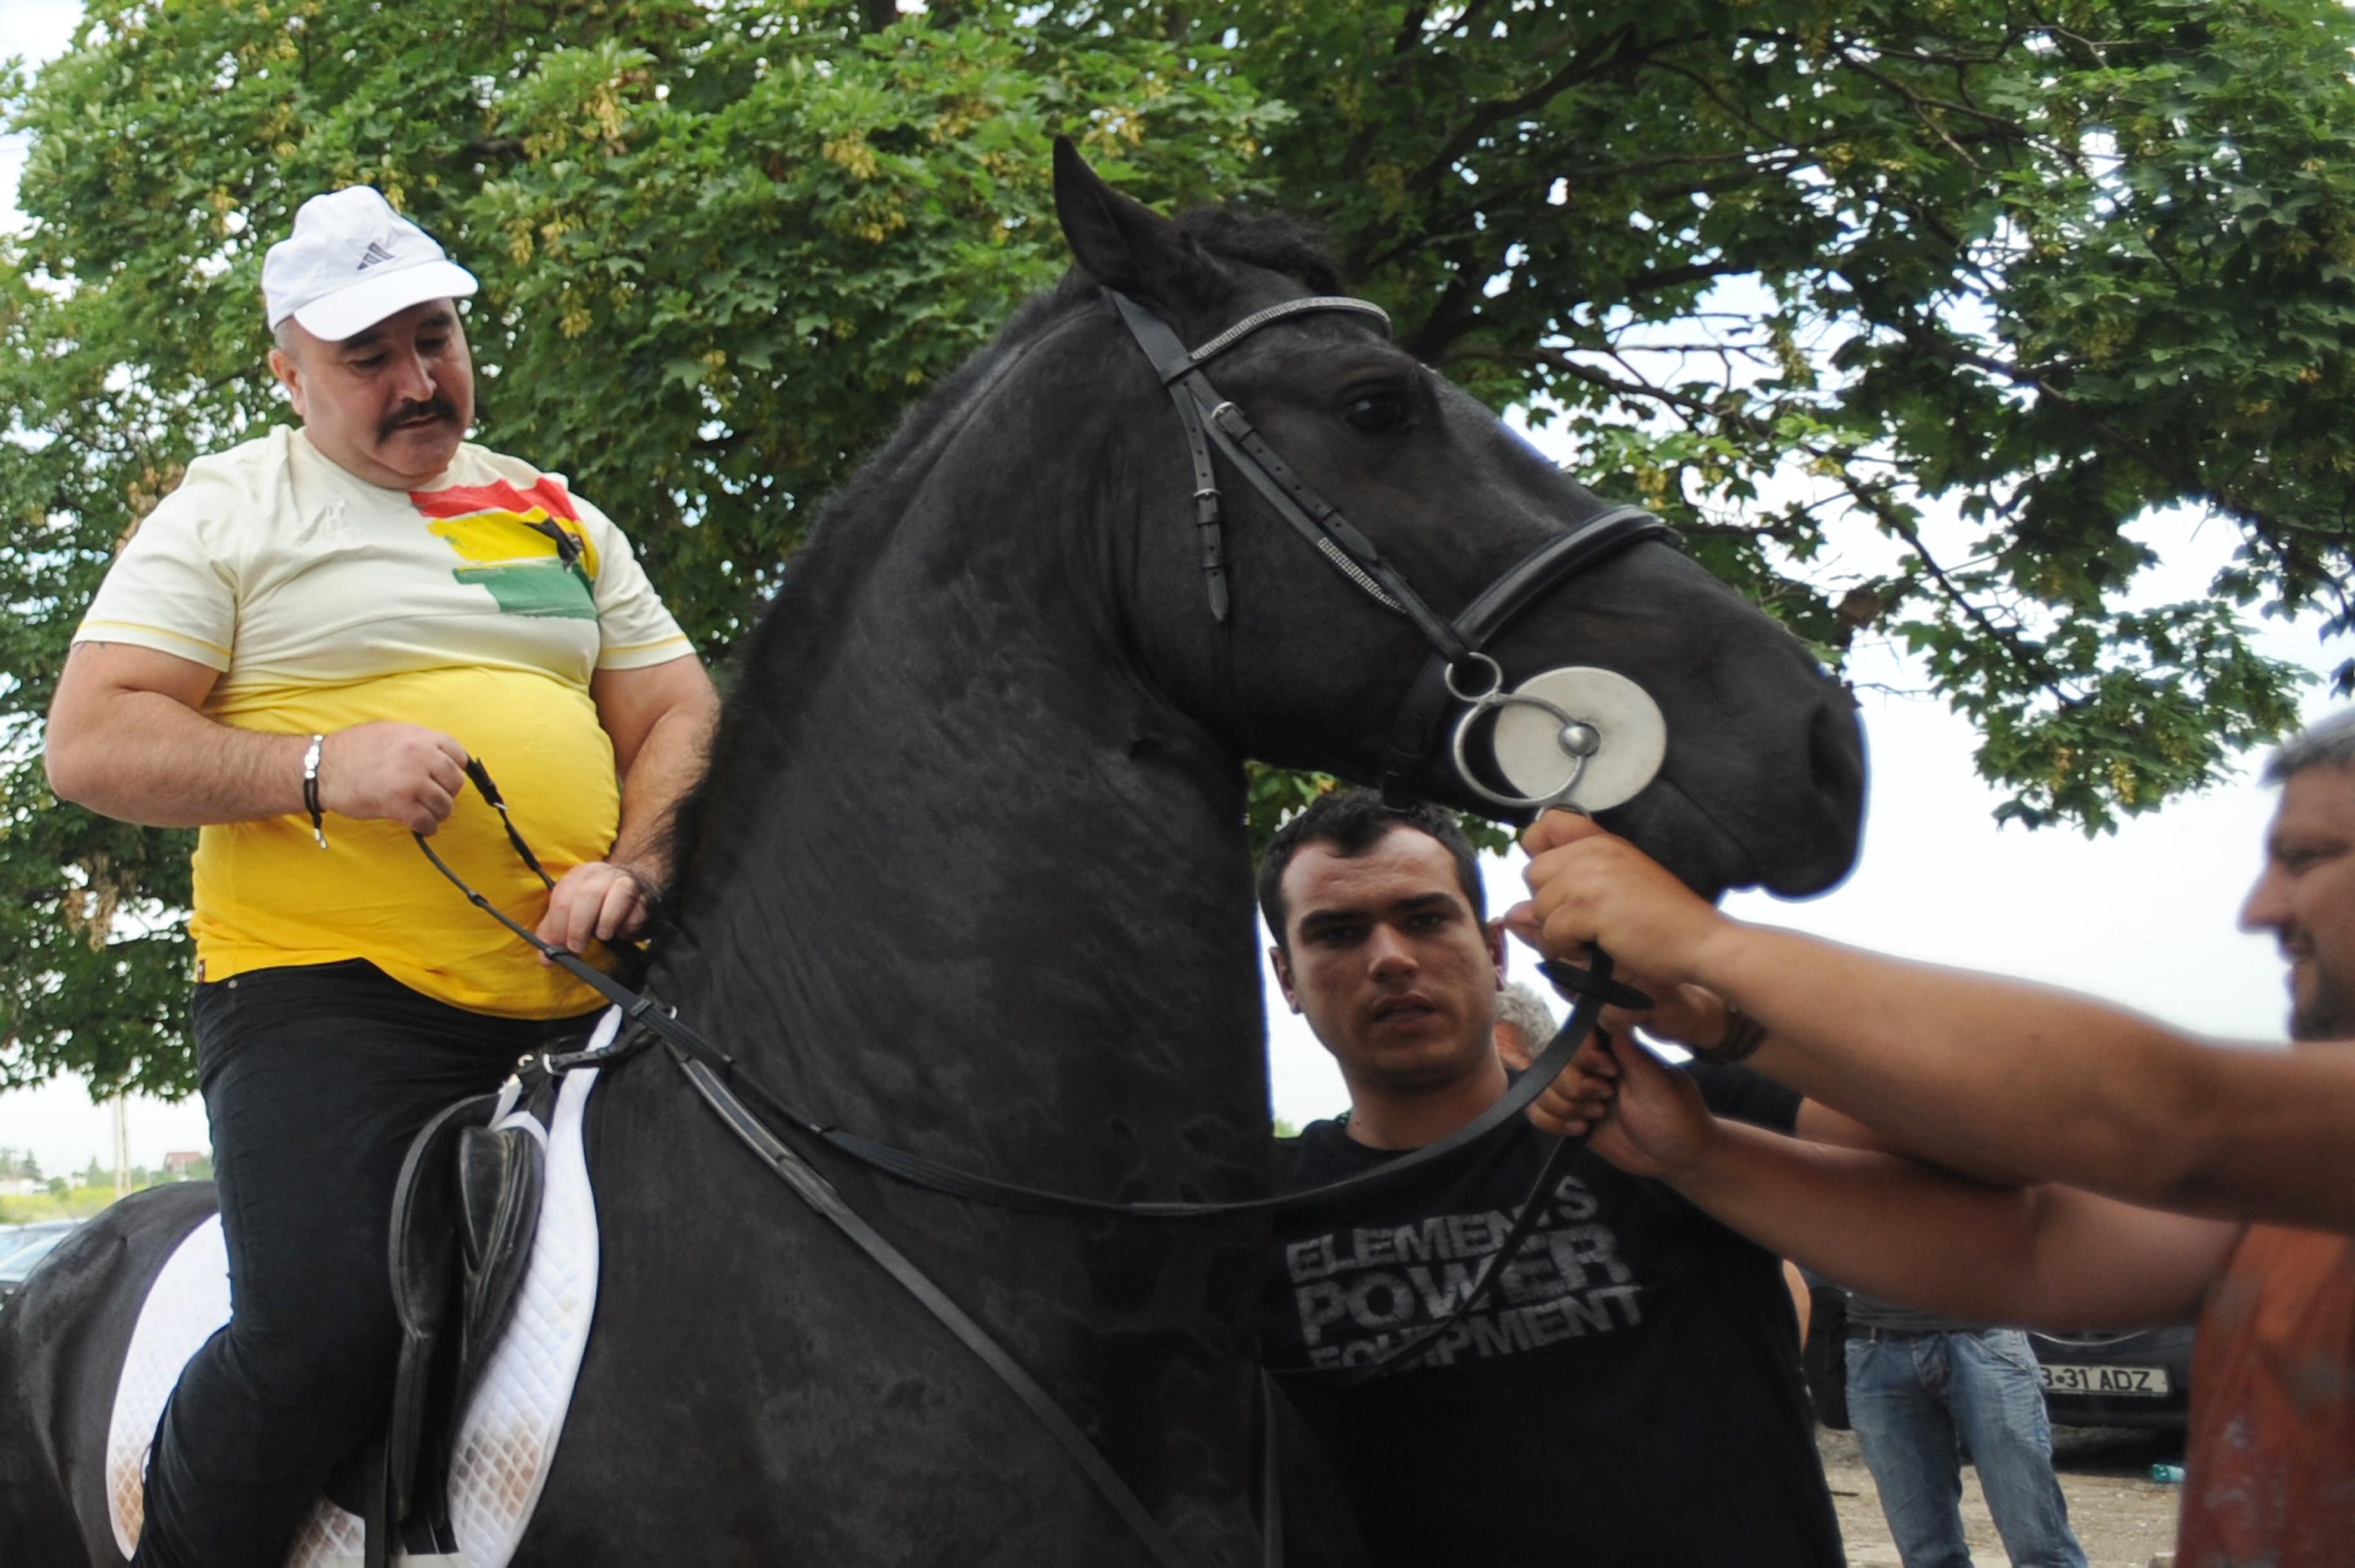 Ion Balint zis Nutu Camataru pleaca calare pe un cal dupa ce a fost eliberat din Penitenciarul Jilava din Bucuresti